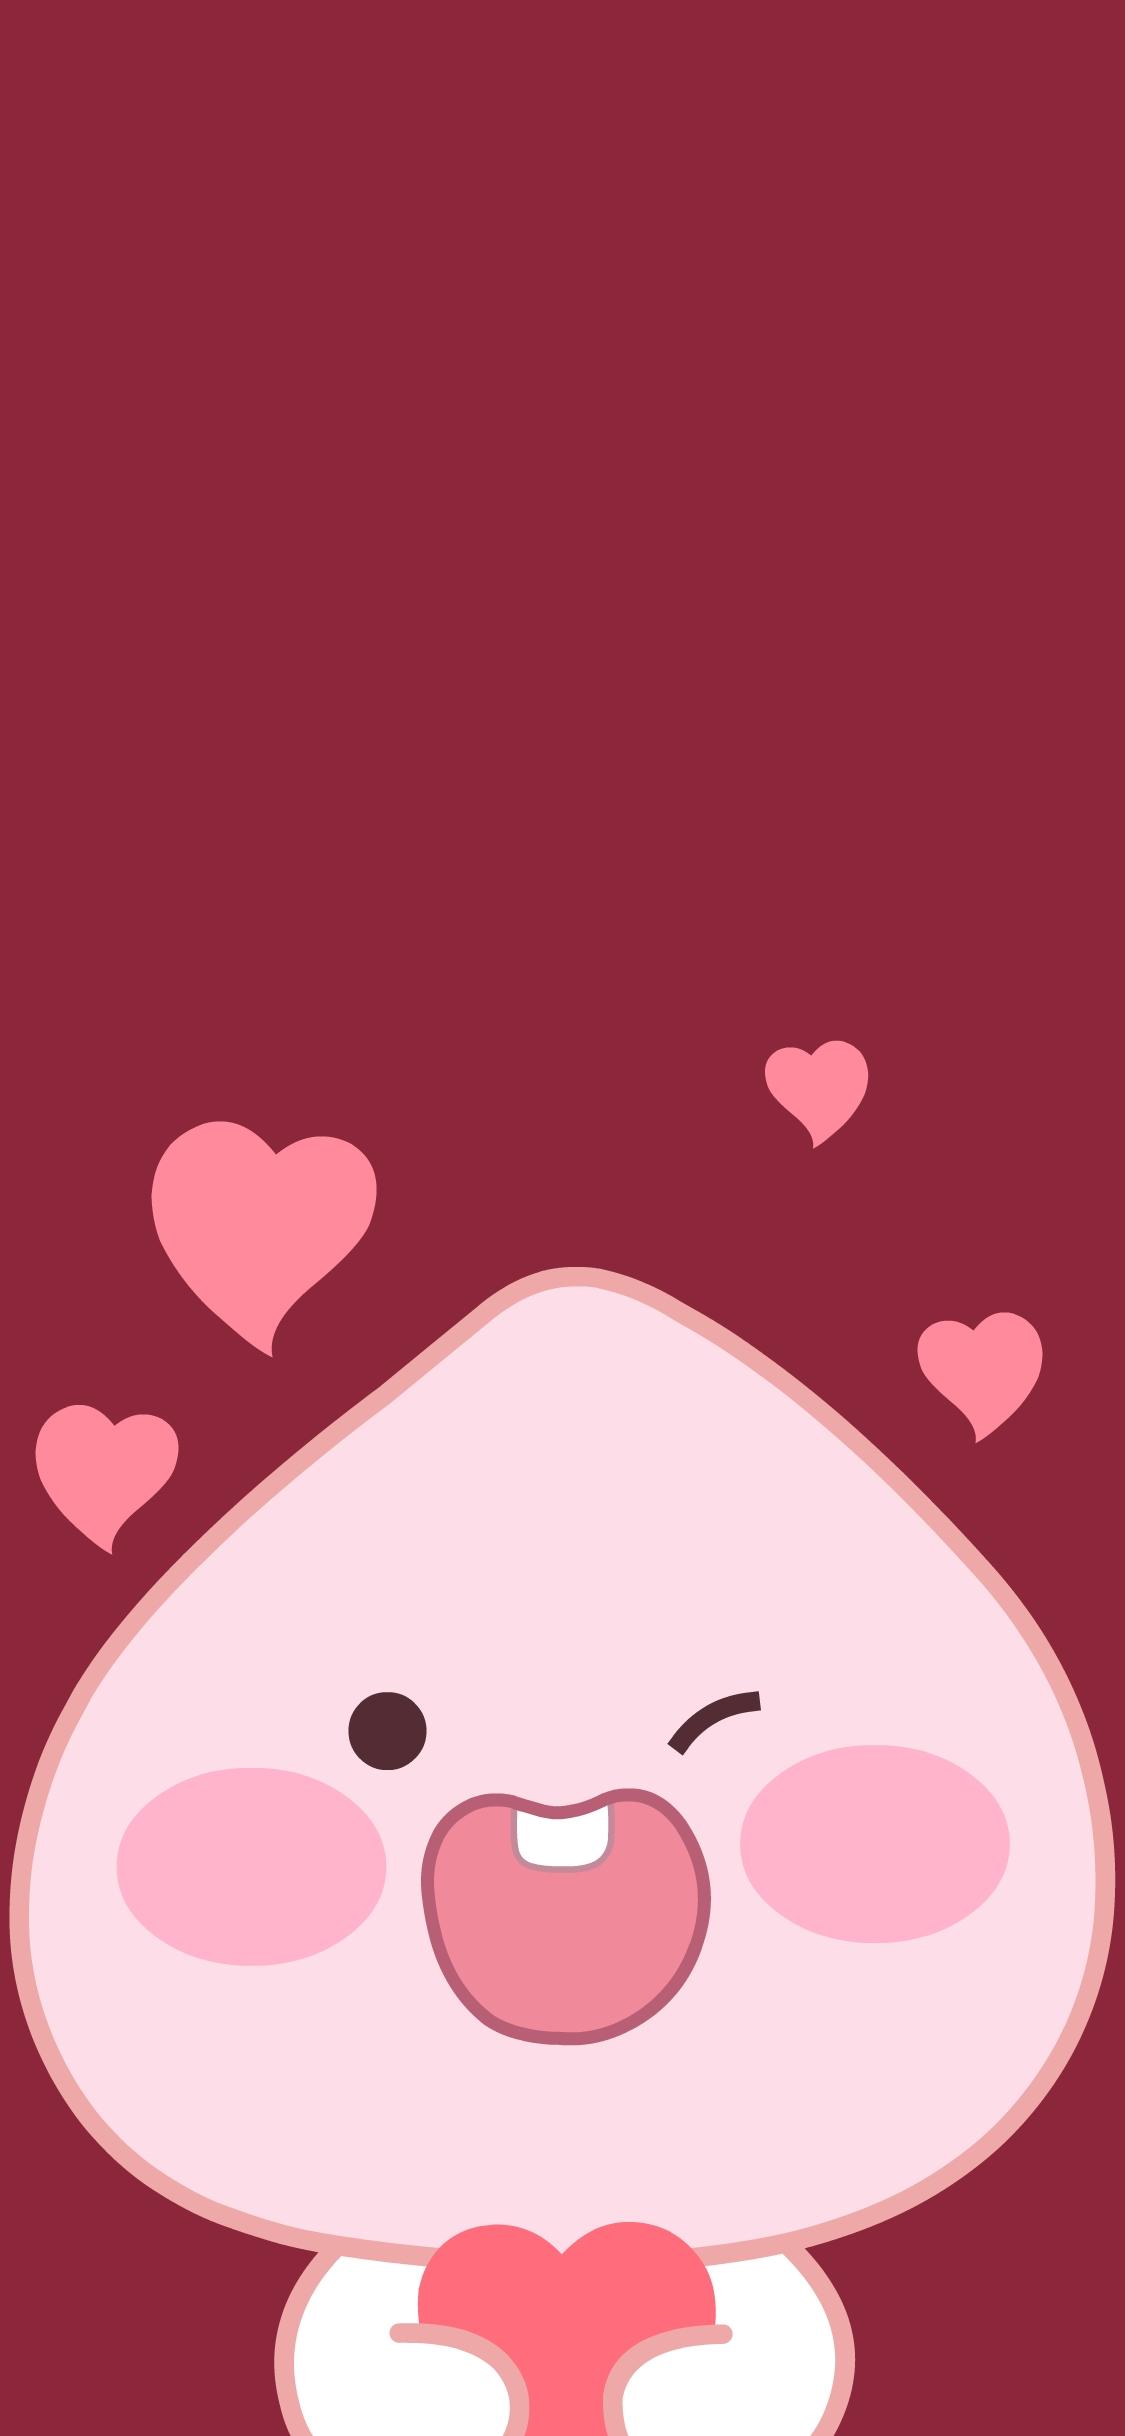 爱心 桃子 可爱 卡通 红色图片